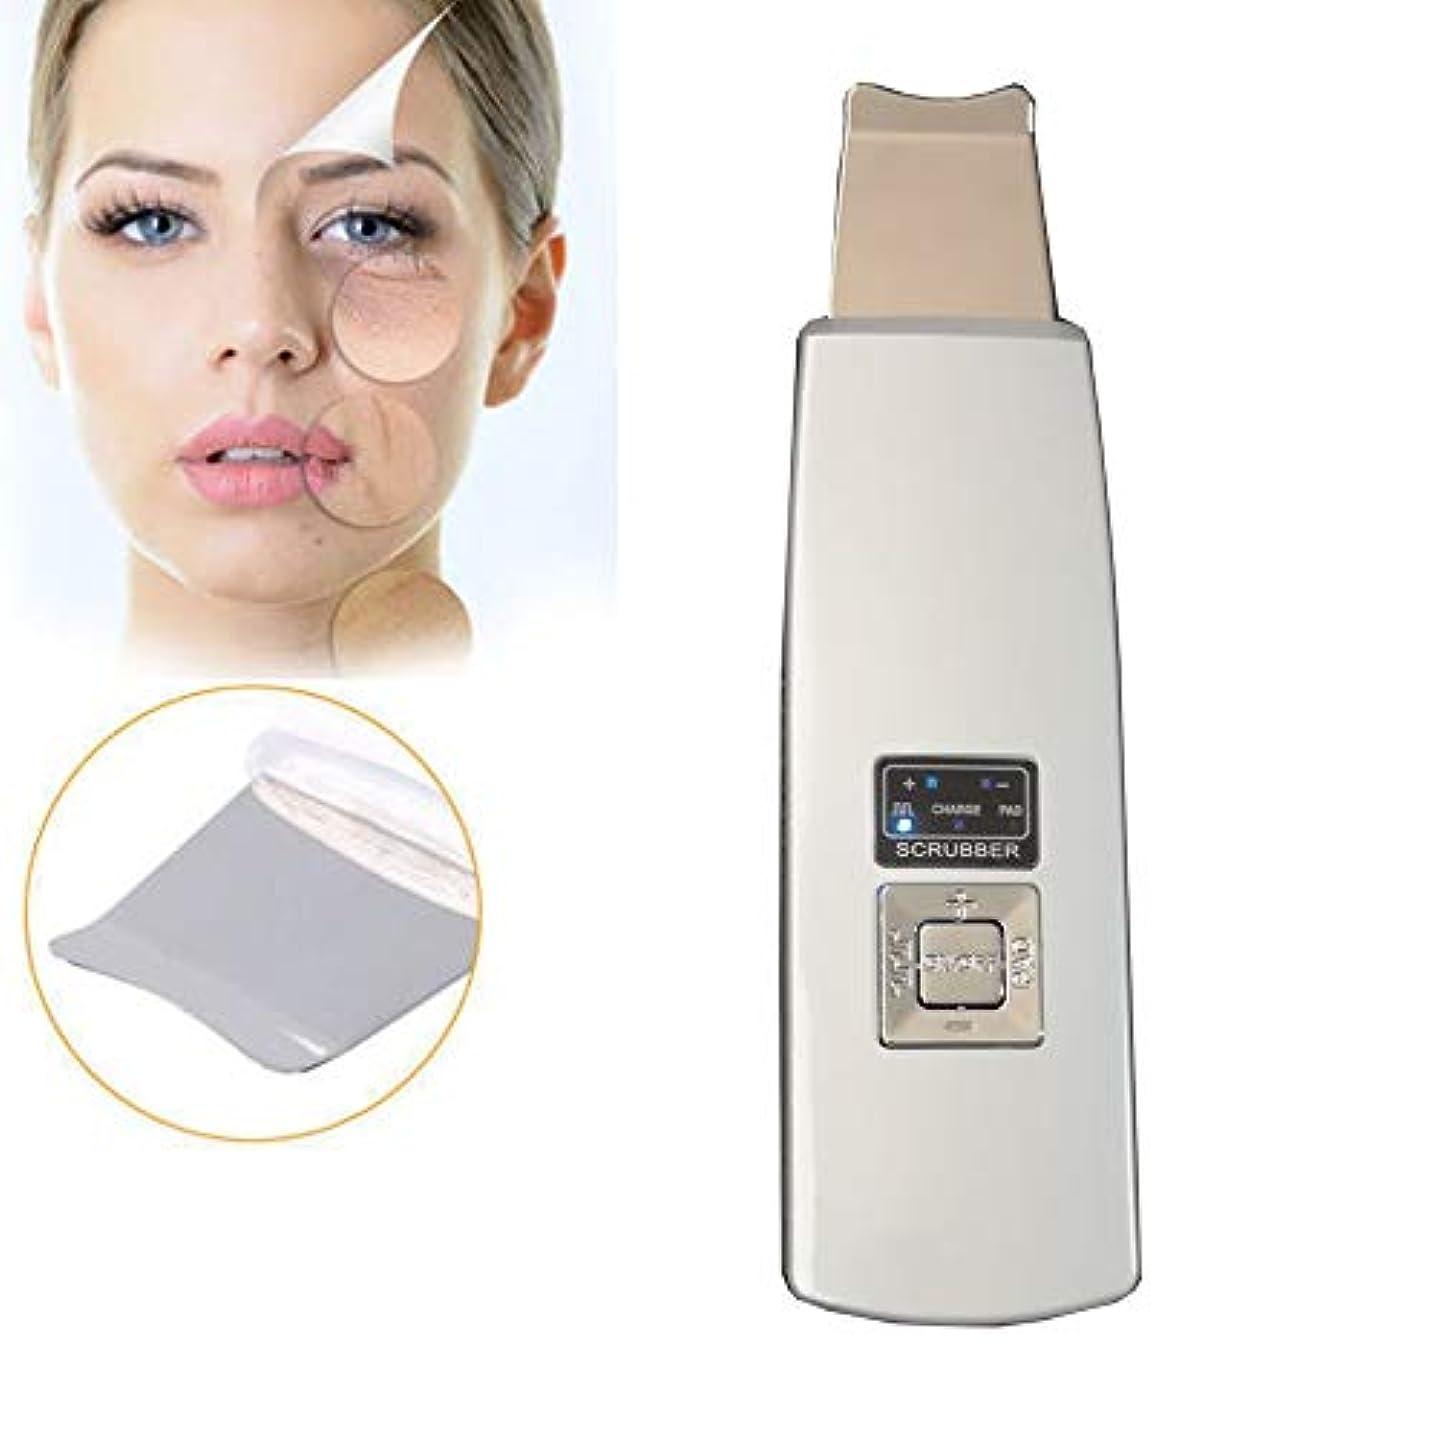 文字通り軽くモンゴメリー顔の皮膚のスクラバー、ポータブル?フェイシャル超音波超音波イオンスキンケアスクラバーデバイス美容機は、ブラックヘッド面皰死んだ皮膚の除去を削除する方法